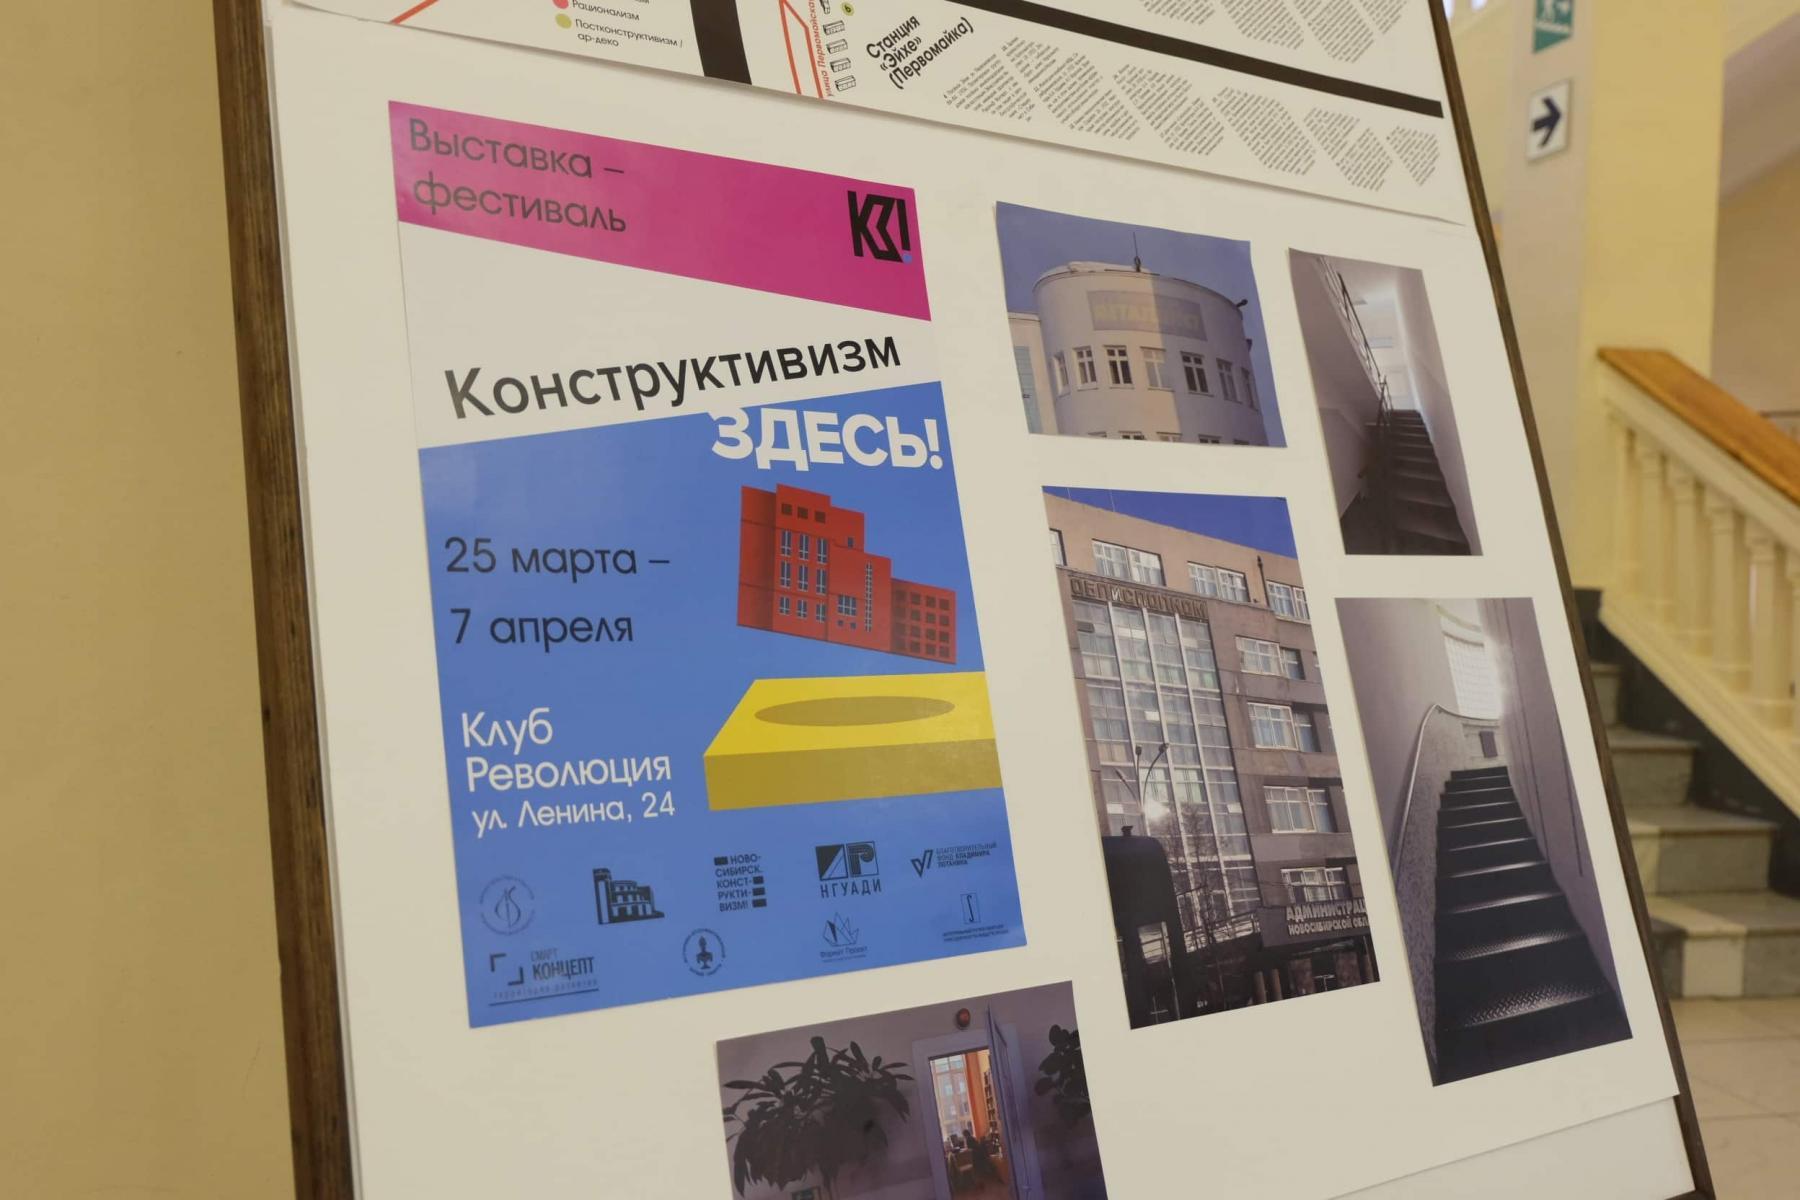 фото Свободный вход на выставку-фестиваль «Конструктивизм Здесь!» продлится до 9 апреля в Новосибирске 4